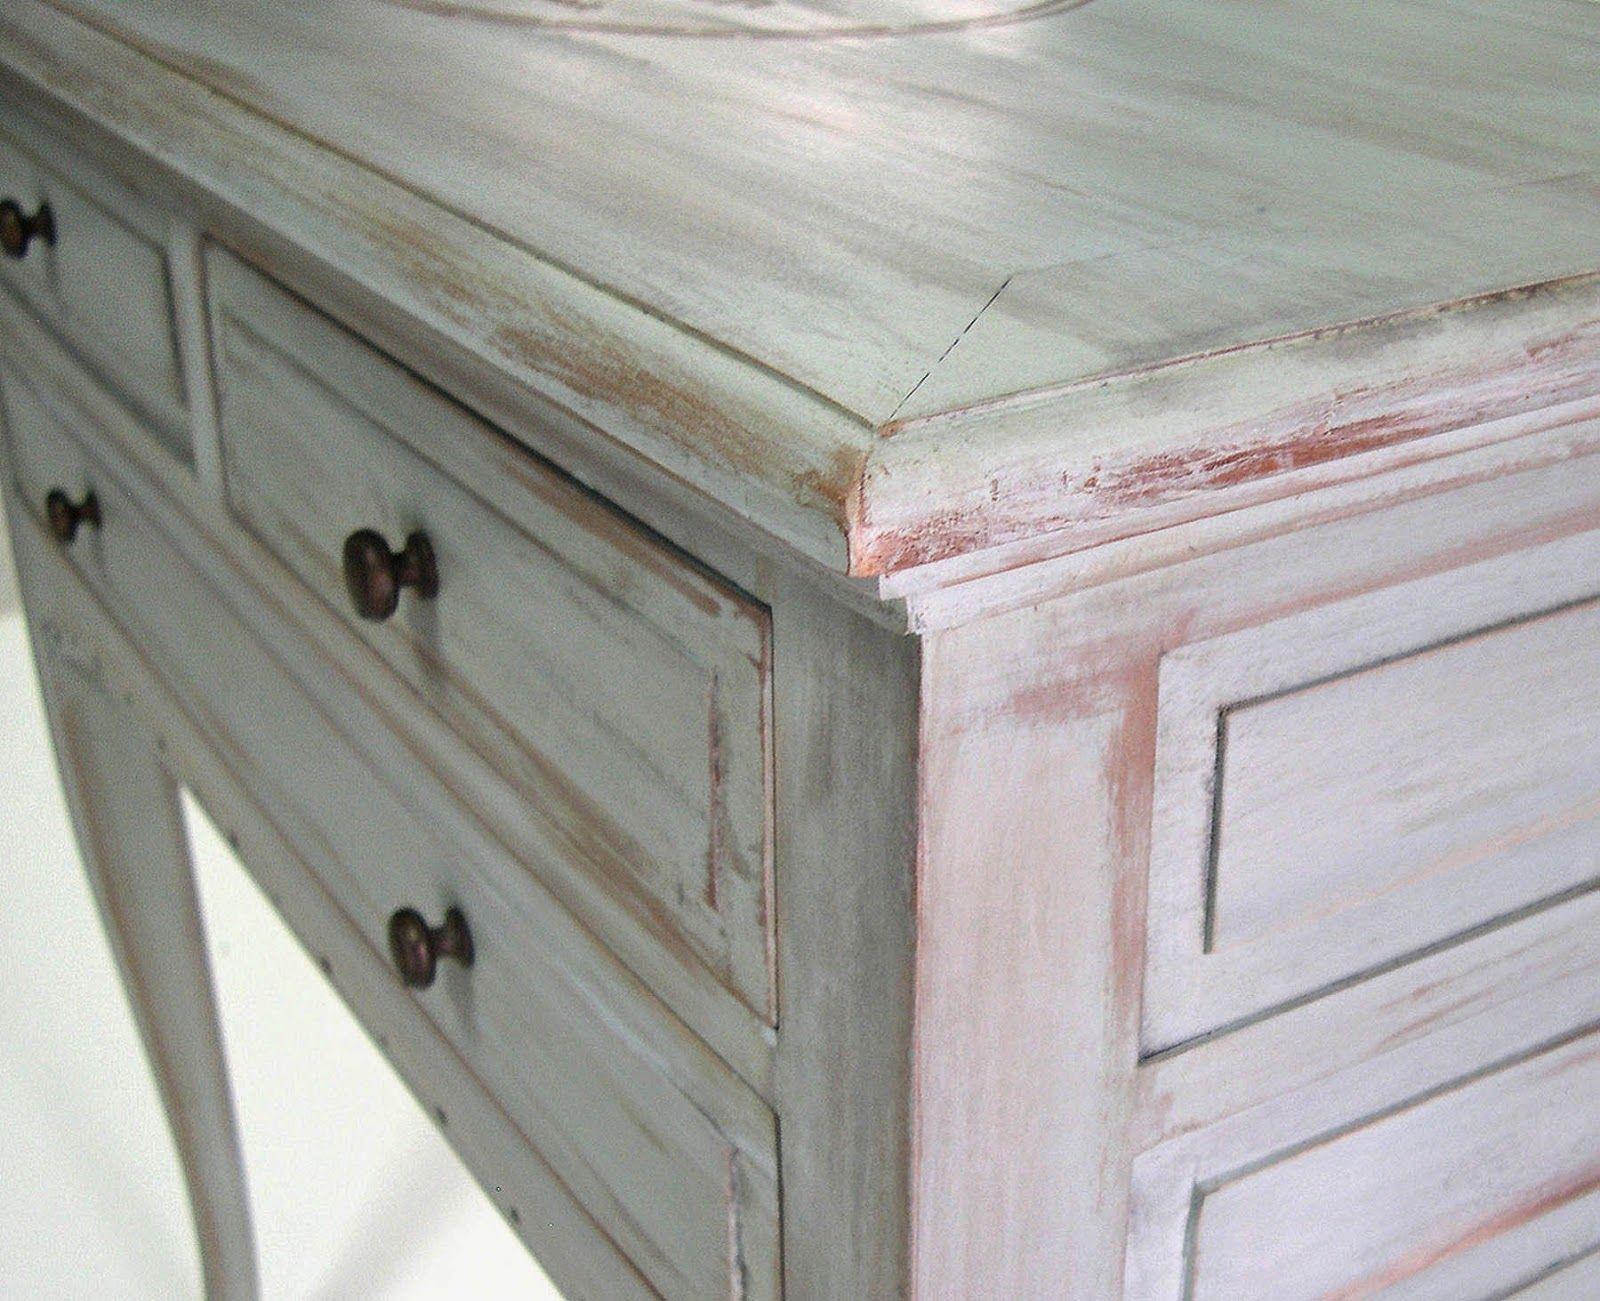 El chalky blog tecnica decapado con lija de pintura - Pintura para pintar muebles de madera ...